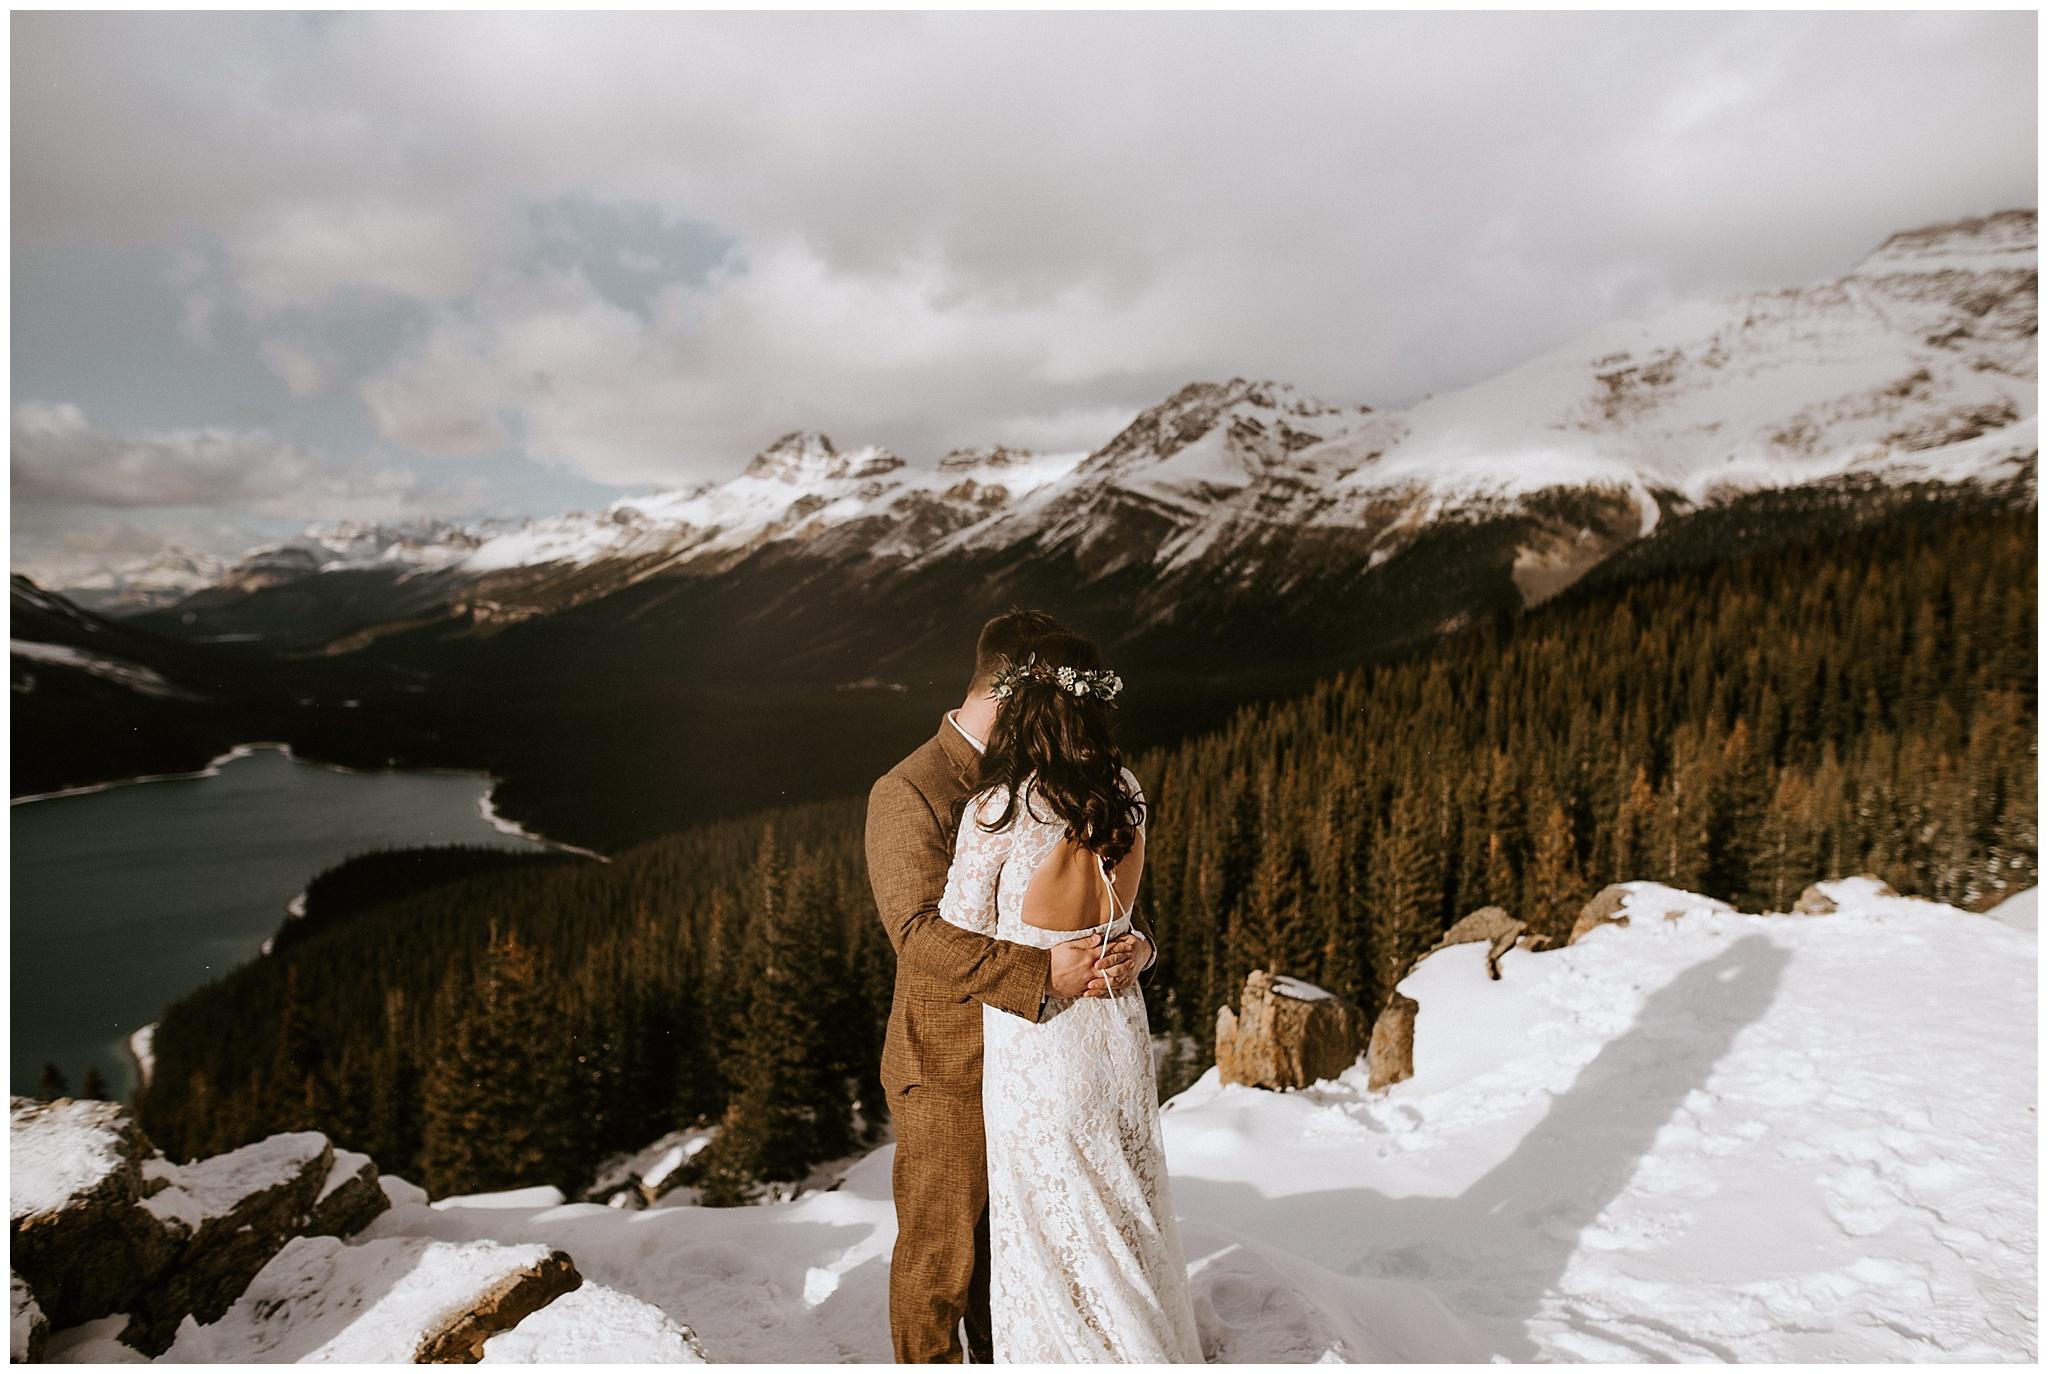 peyto-lake-wedding-photos-33.JPG